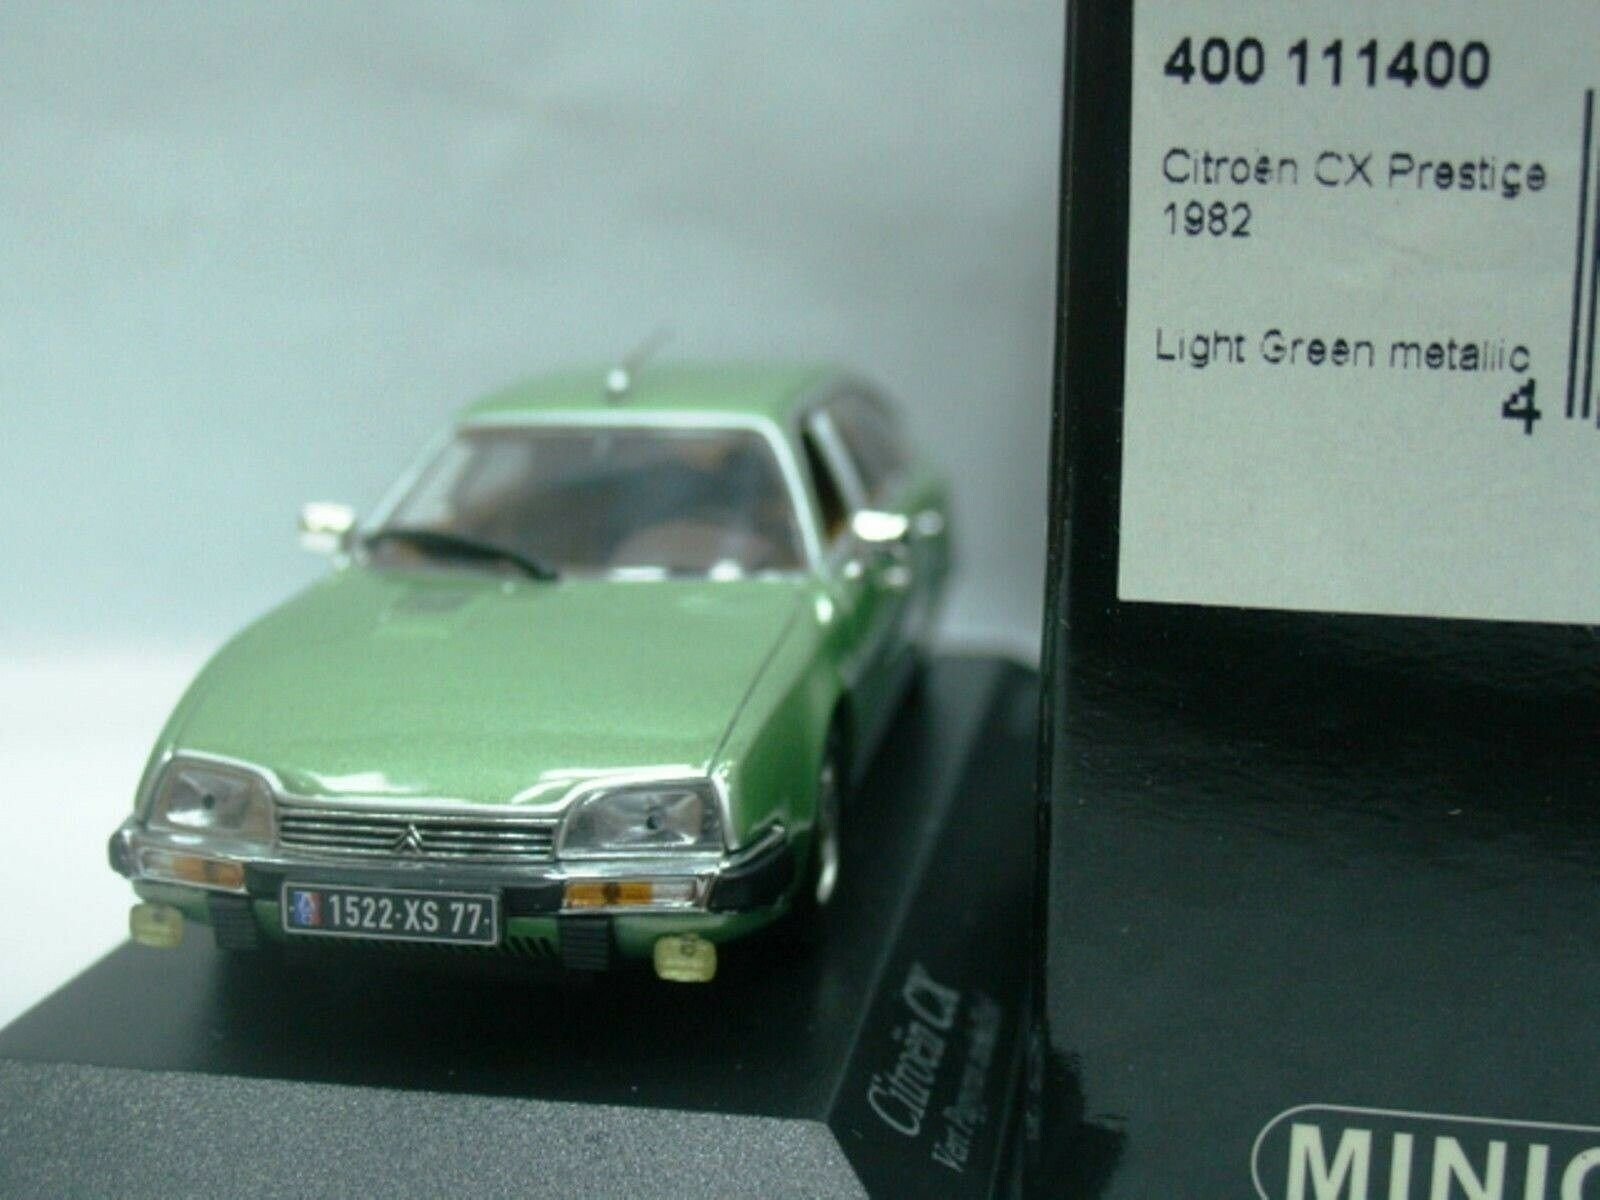 WOW EXTREMELY RARE Citroen CX  Prestige 2.4L 1982 vert m 1 43 Minichamps-SM  vente d'usine en ligne discount